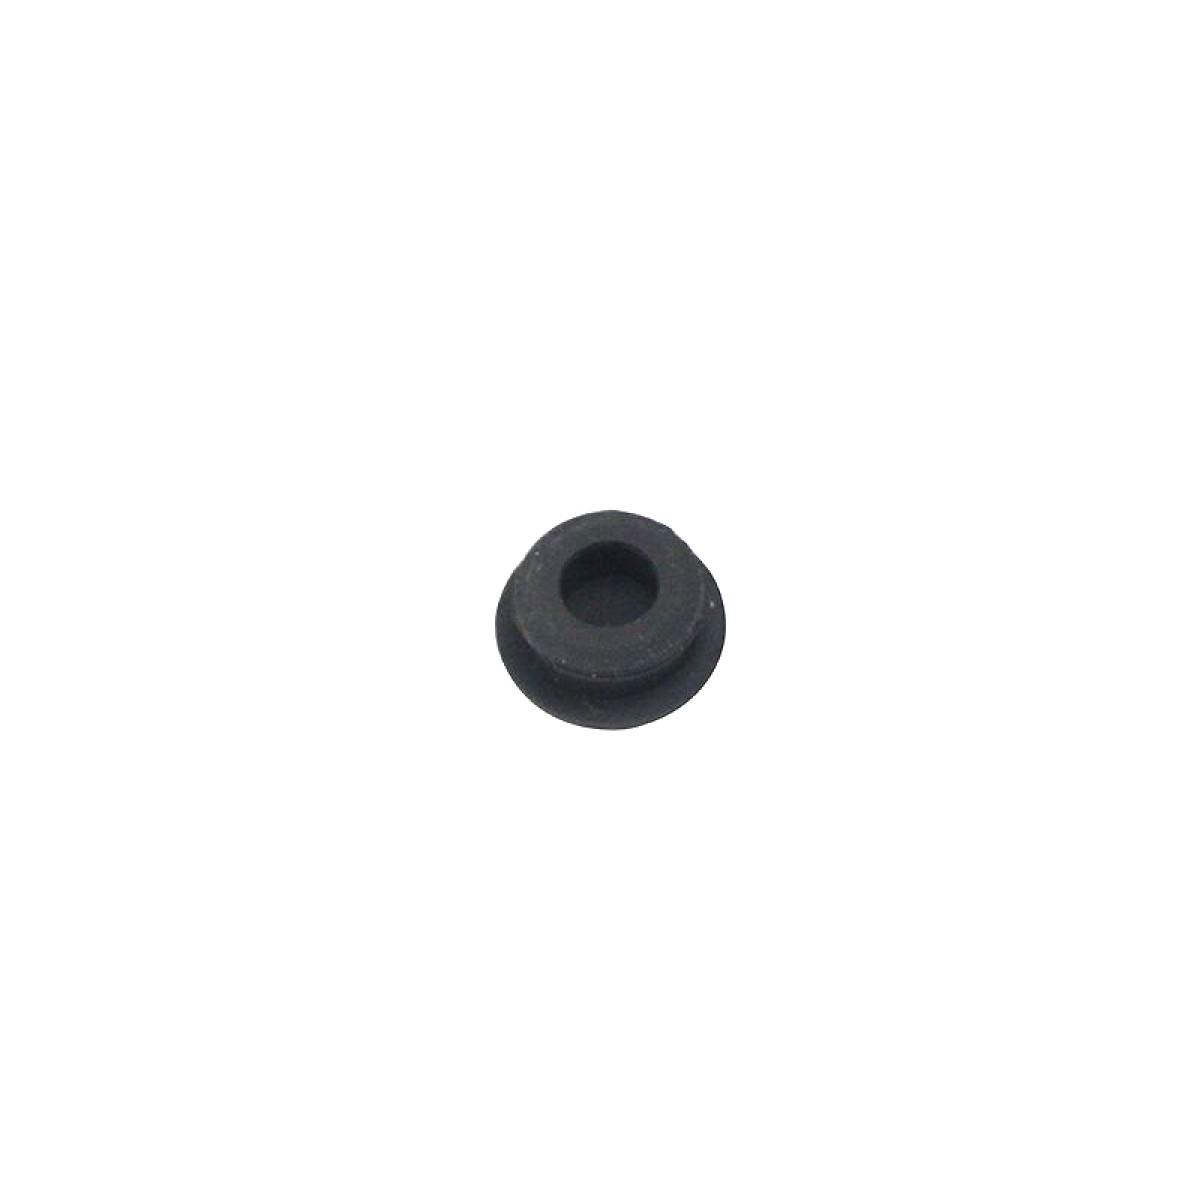 Gumová krytka Stihl MS440 MS460 MS461 TS510 TS760 (1110 145 9001)